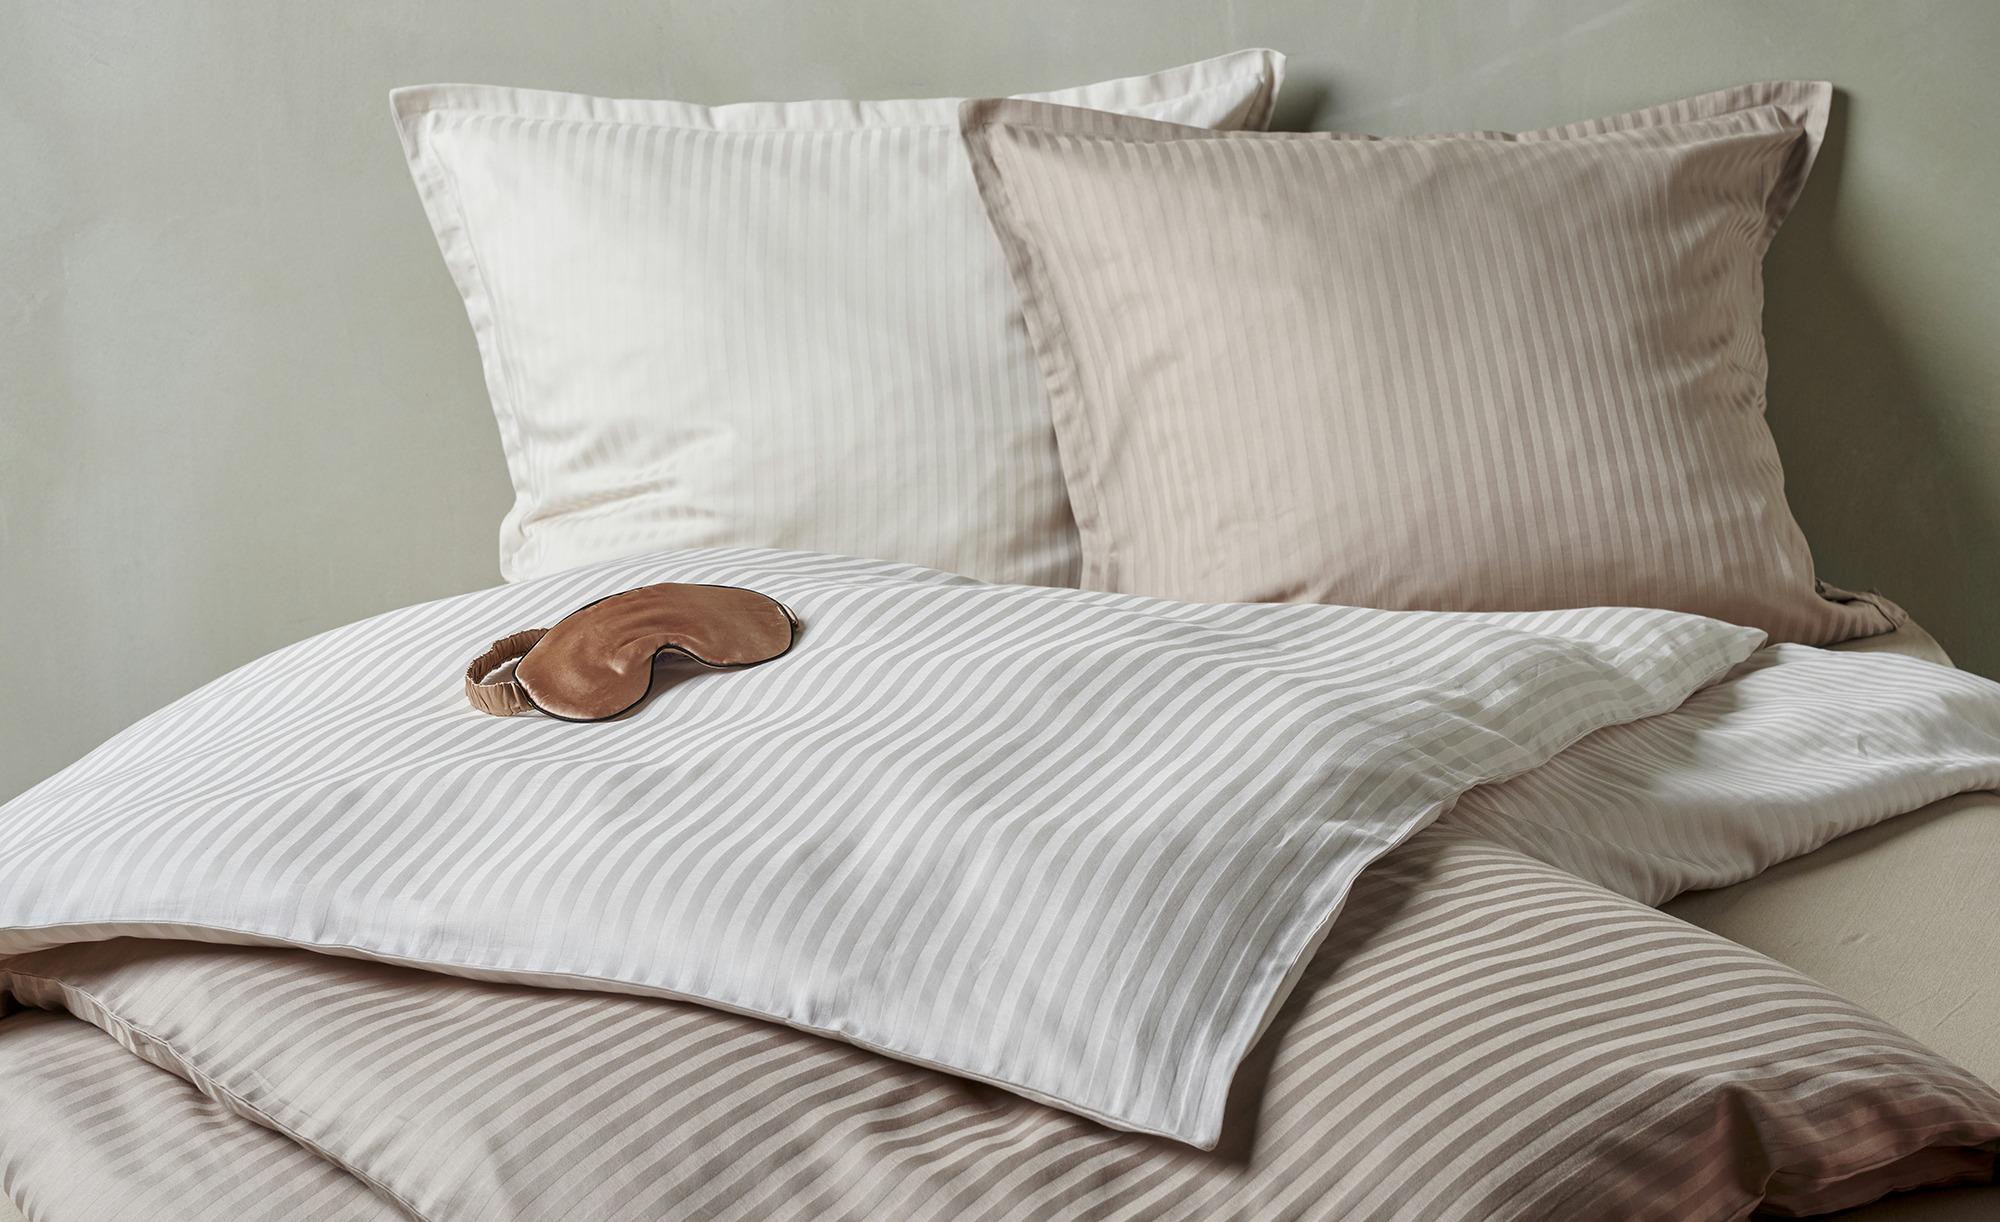 #como Damast-Bettwäsche ¦ beige ¦ reine Baumwolle ¦ Maße (cm): B: 135 Bettwaren > Bettwäsche-Sets > weitere Bettwäschesets – Höffner#